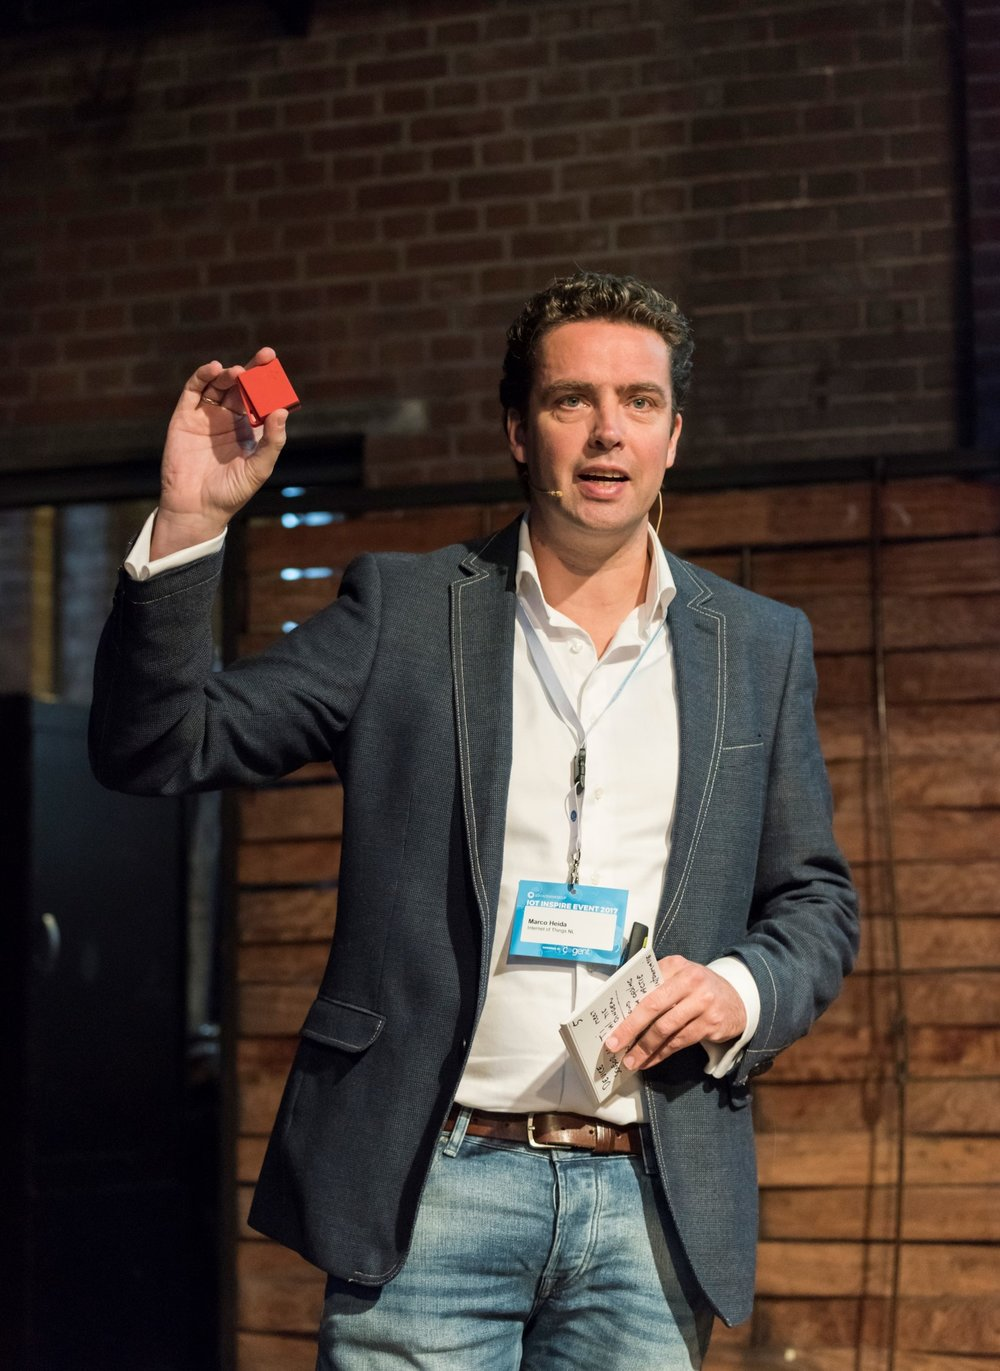 Marco as keynote speaker